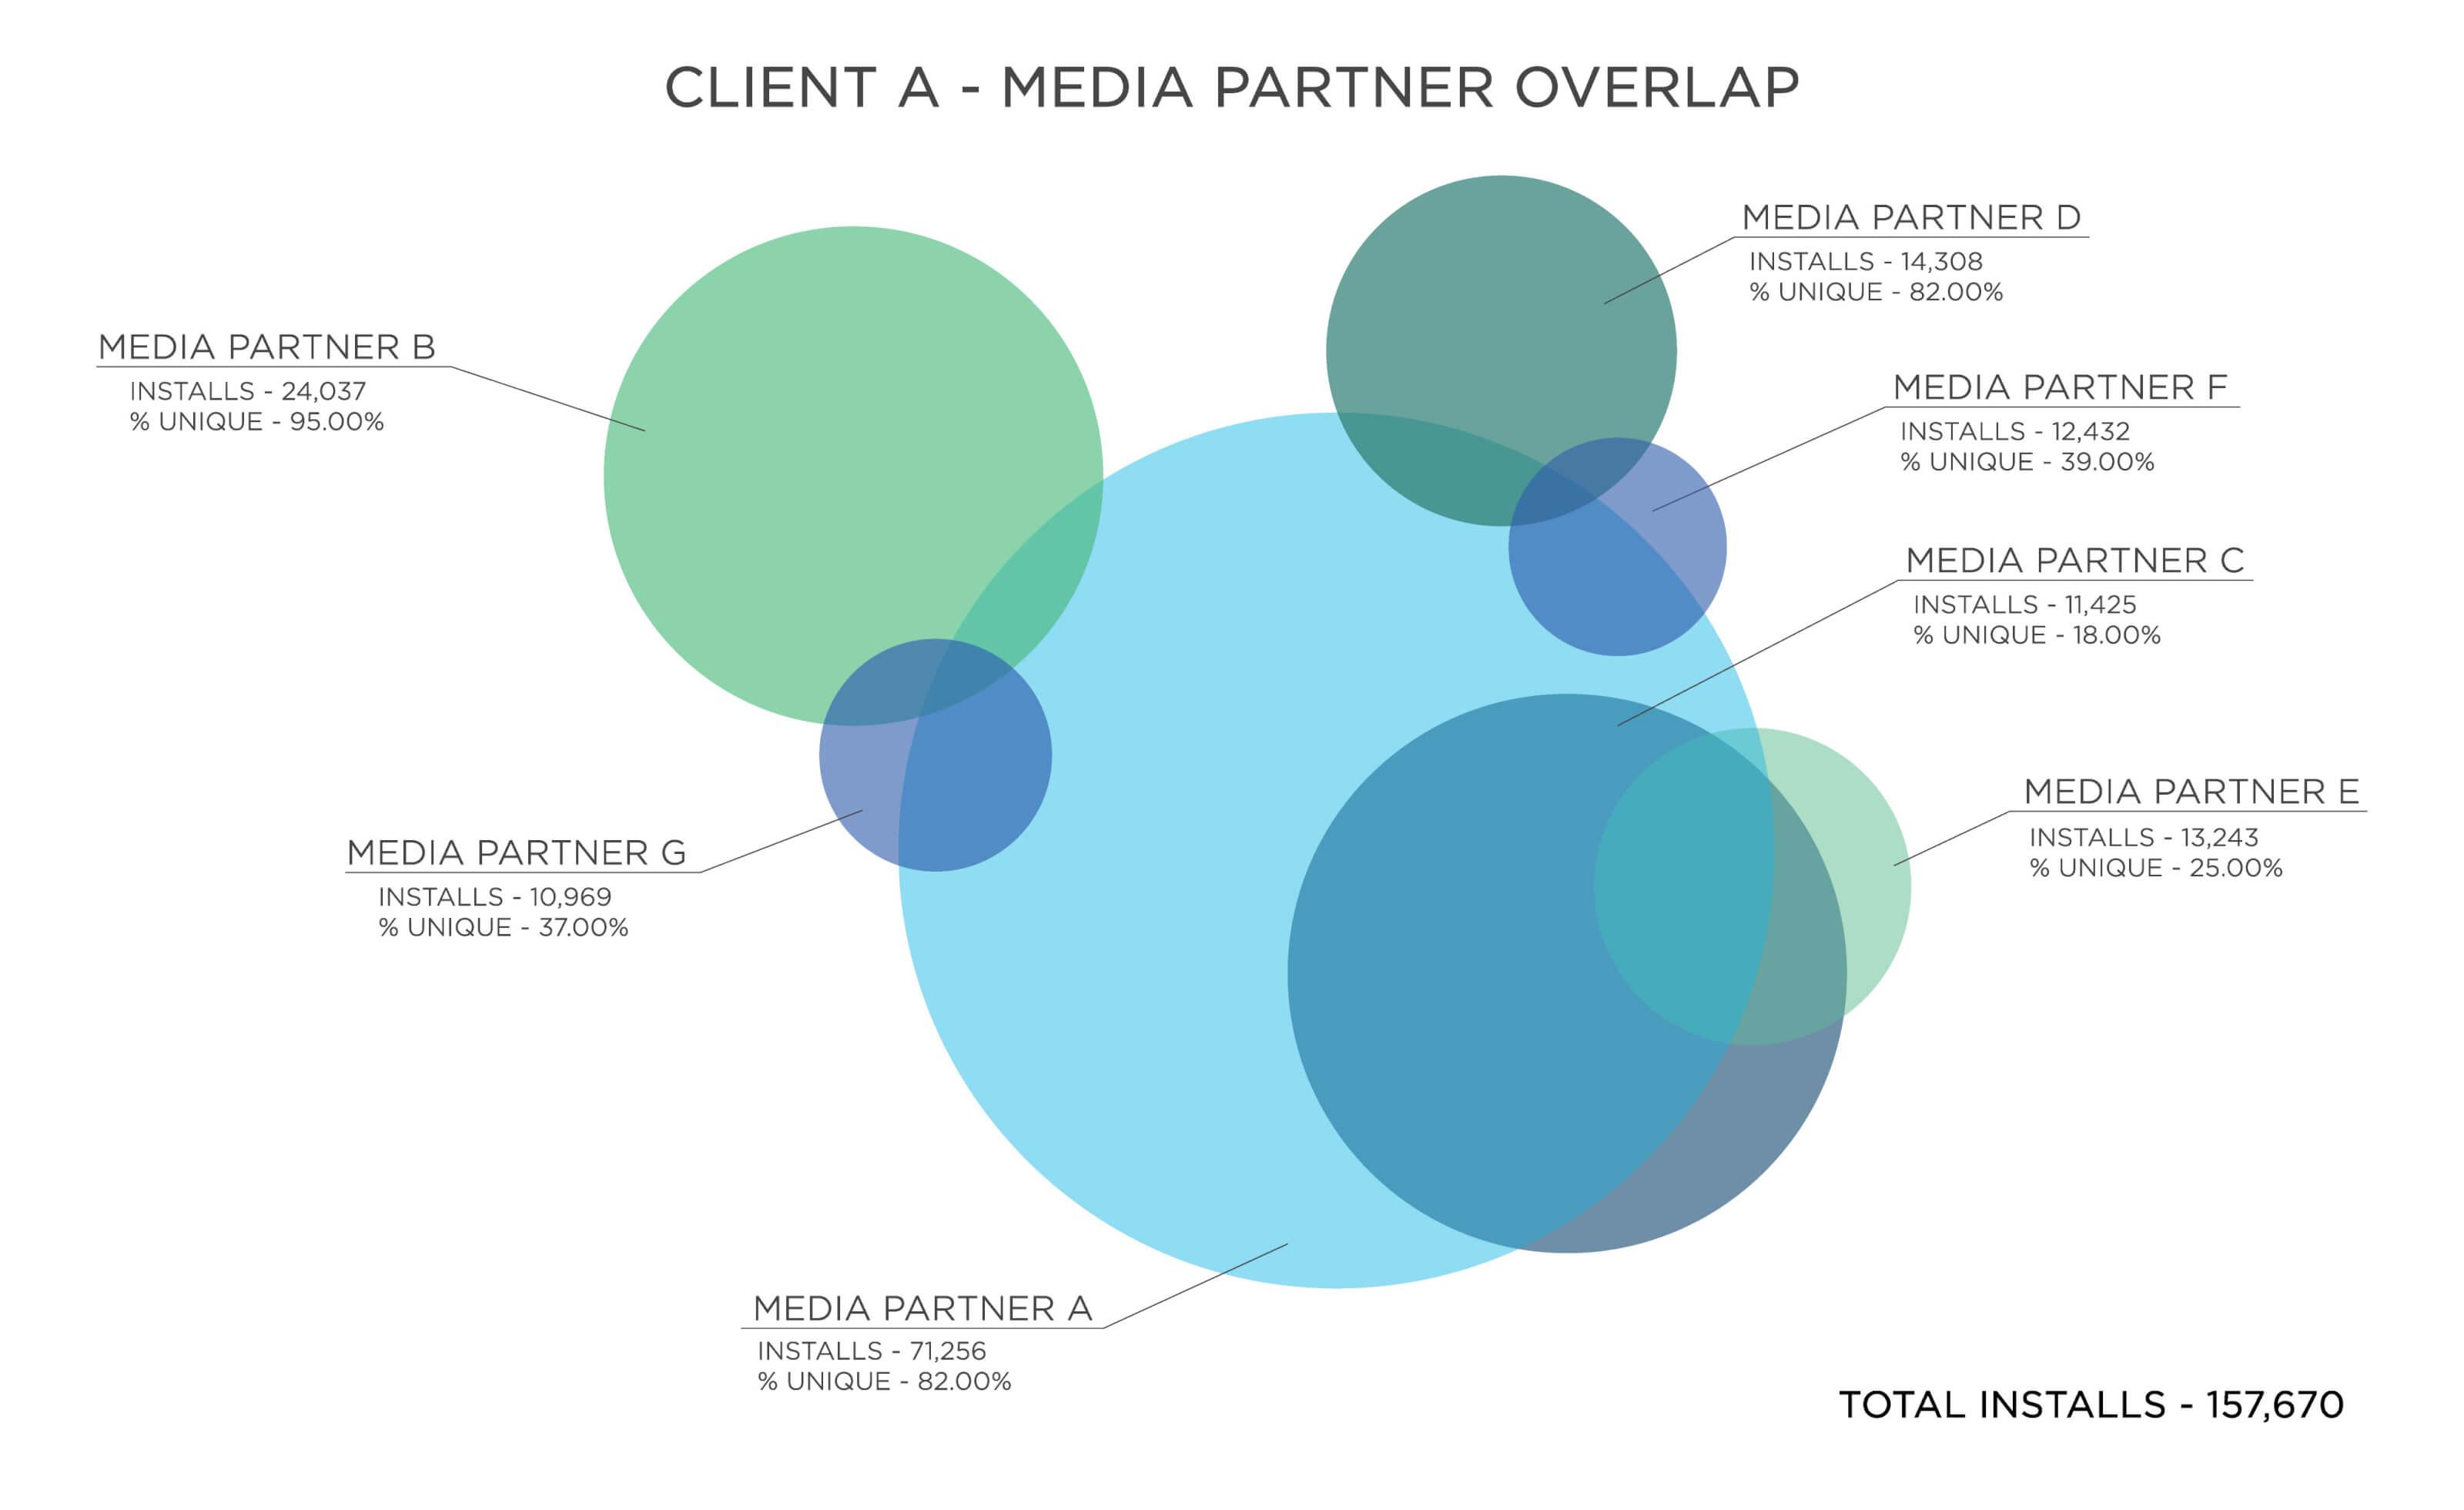 Media partner overlap